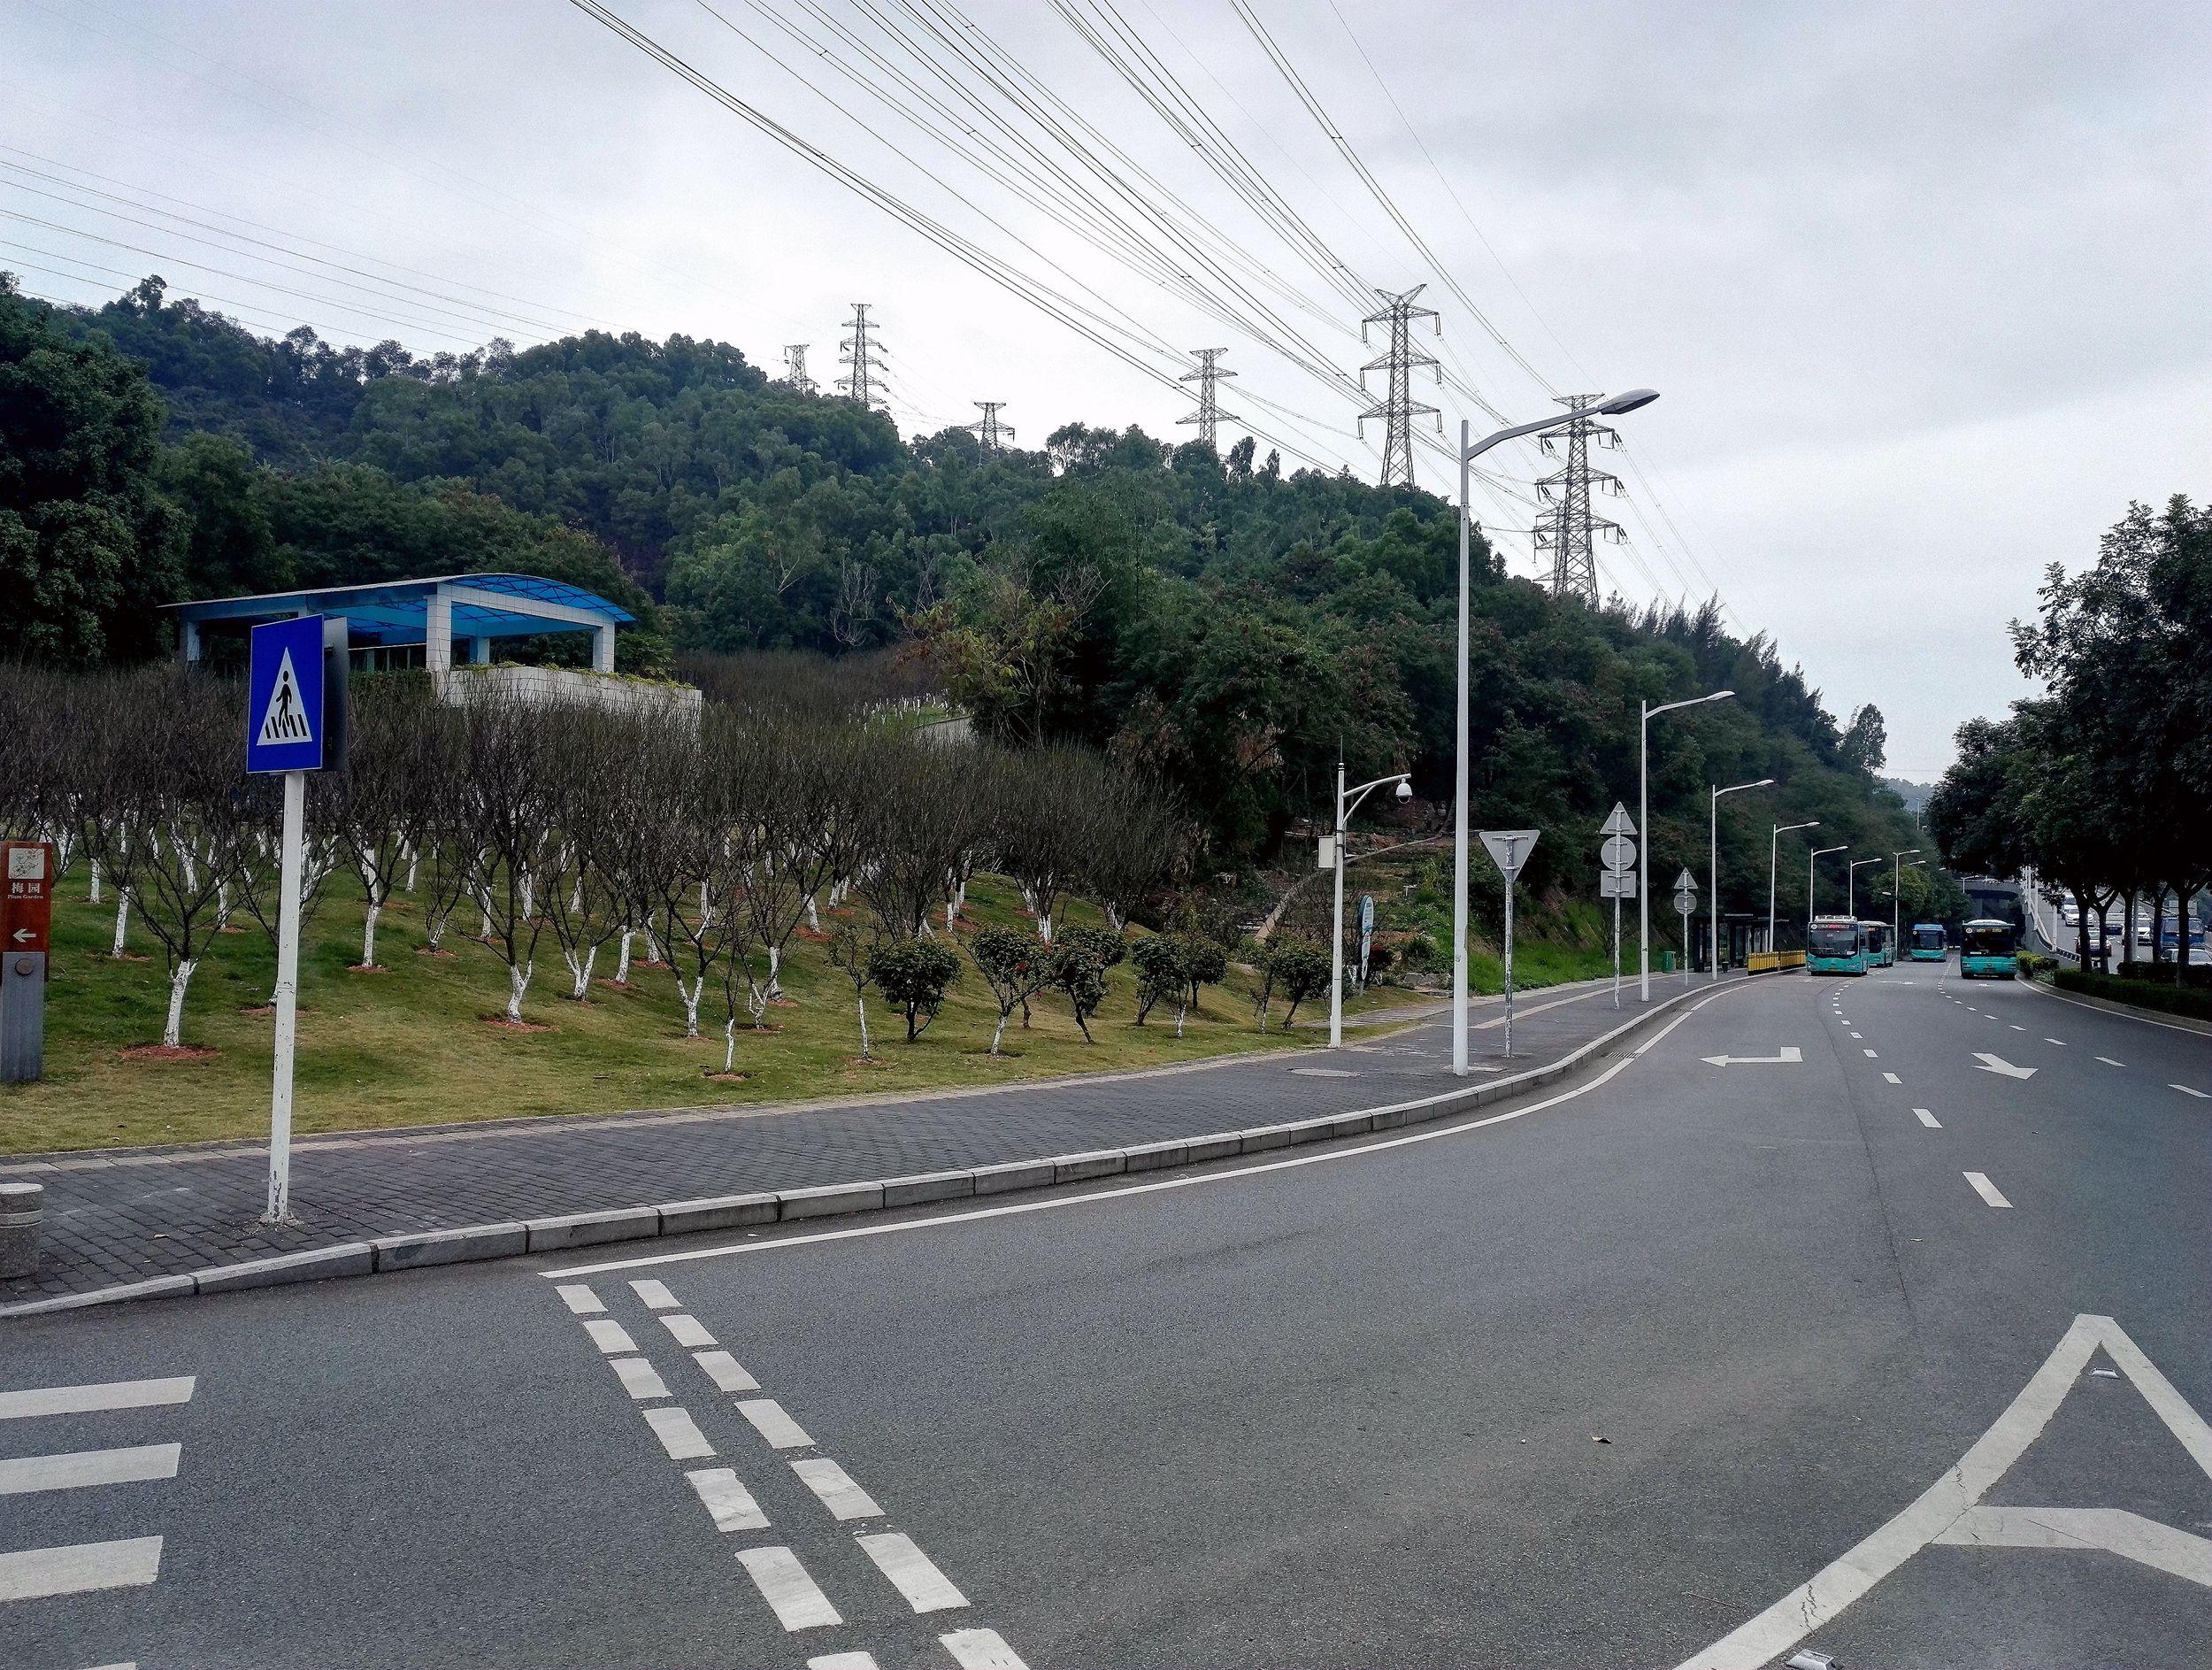 深圳梅园20170118_123.jpg